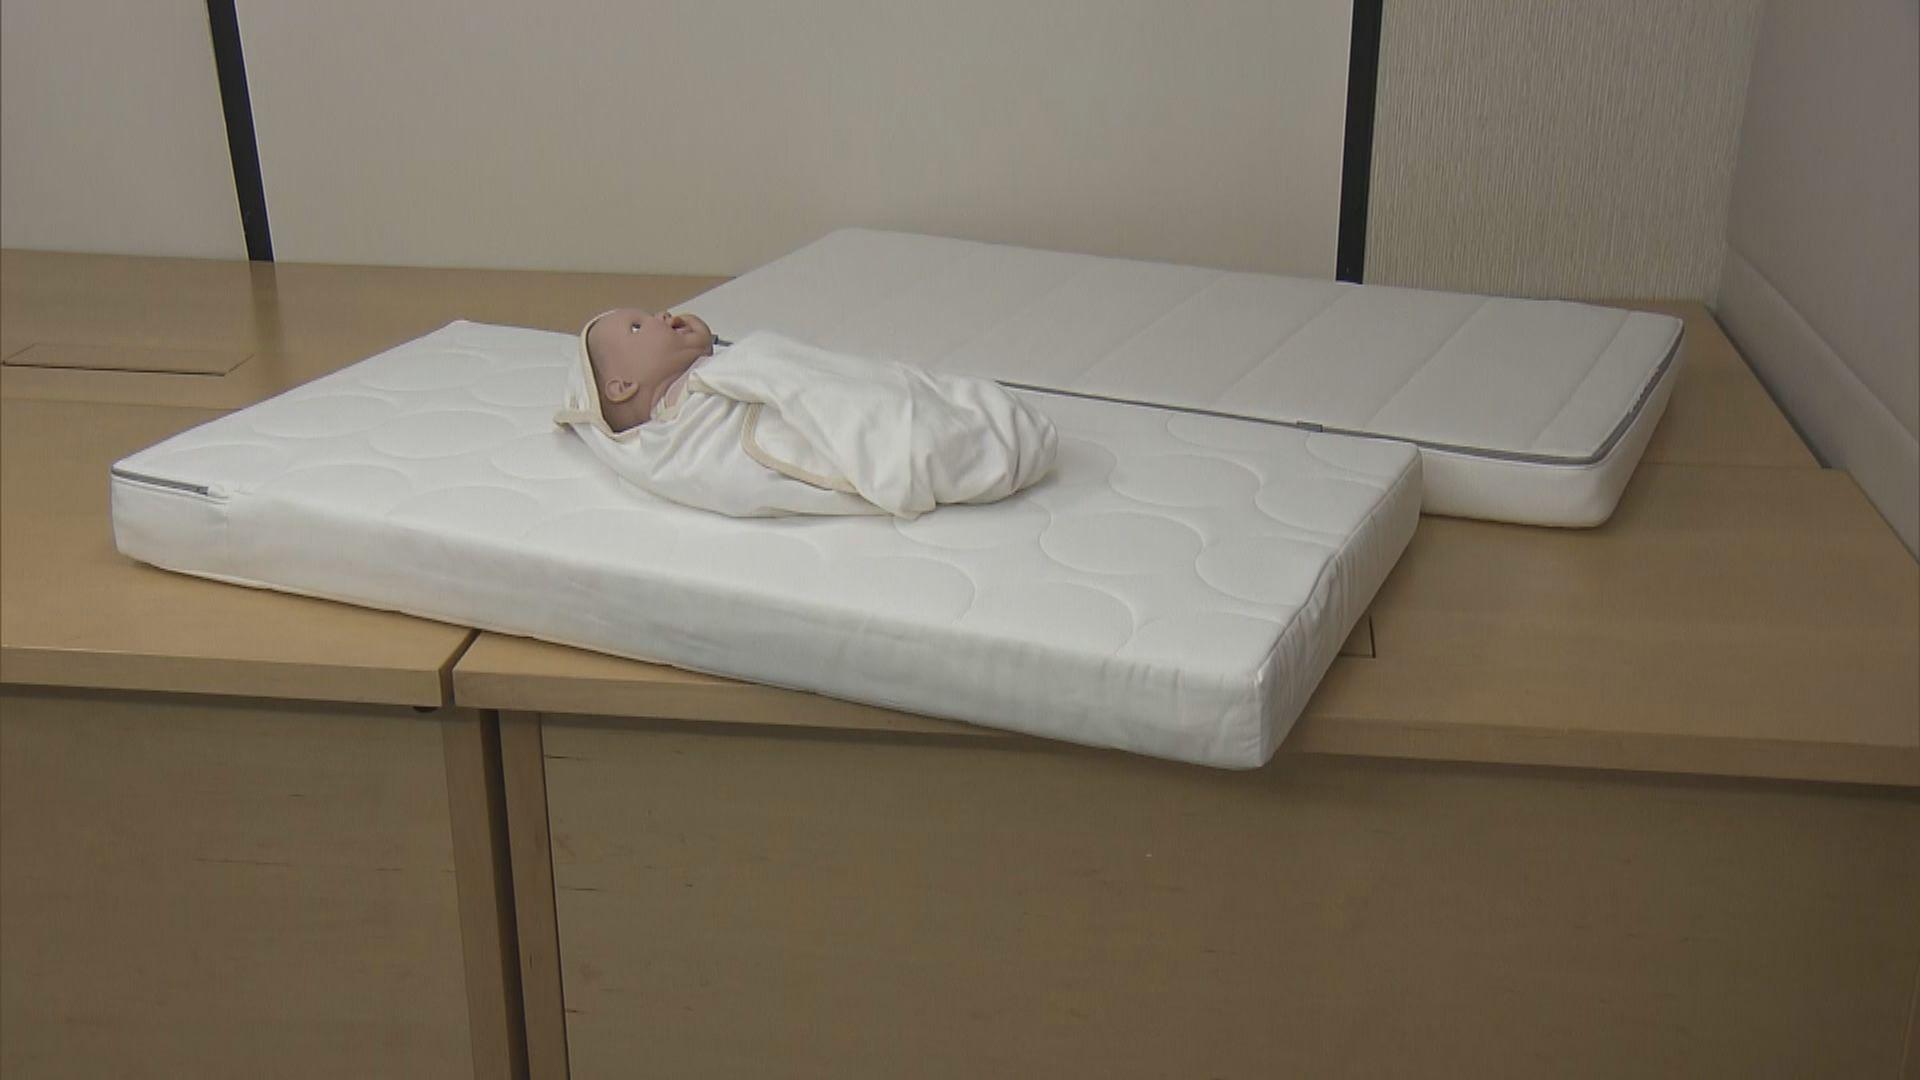 三款嬰兒床床褥或致窒息意外 海關正跟進